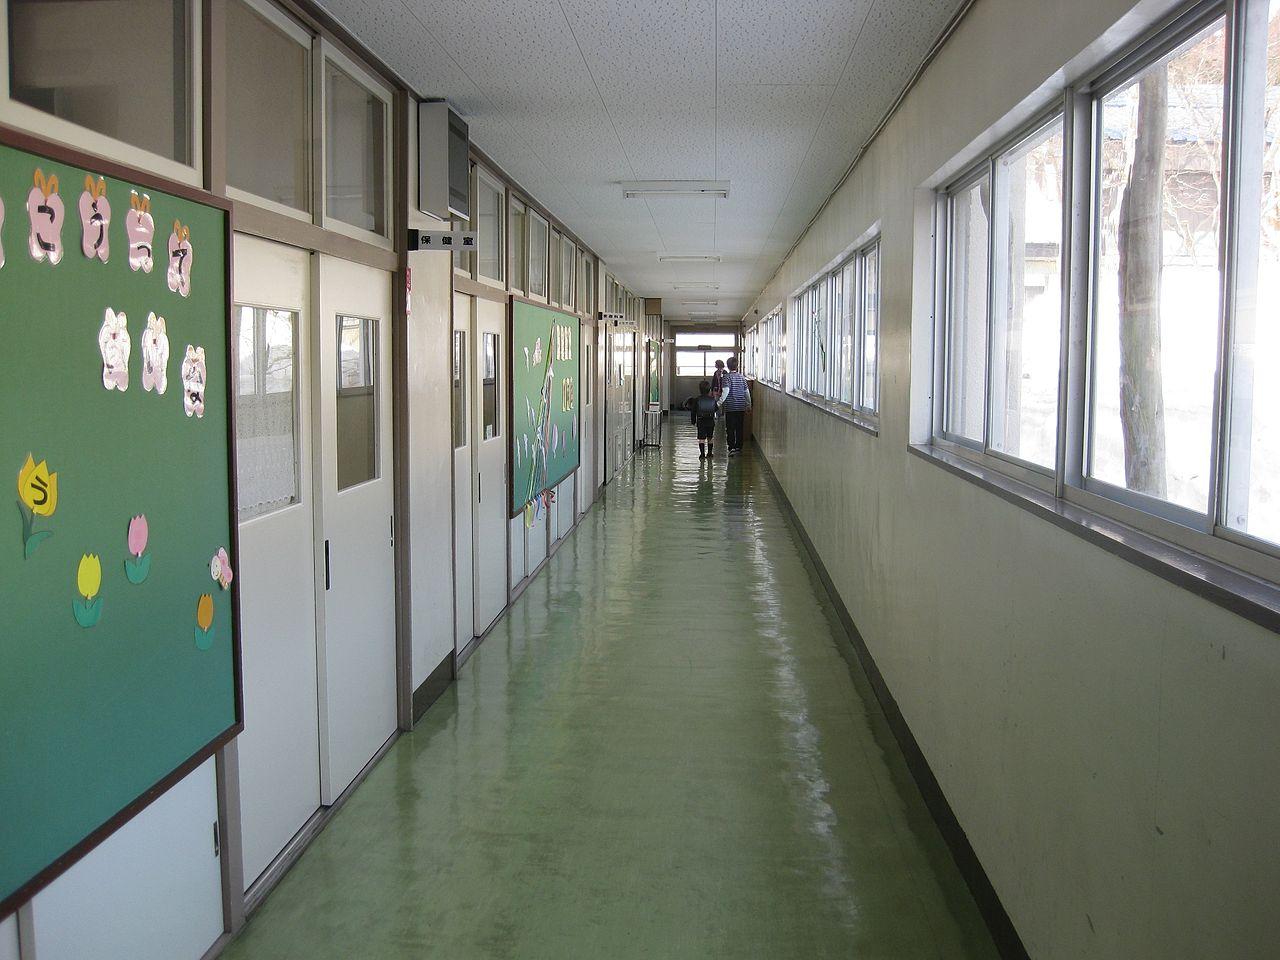 File:Jinego Elementary School 1F Hallway 1.jpg - Wikimedia ...